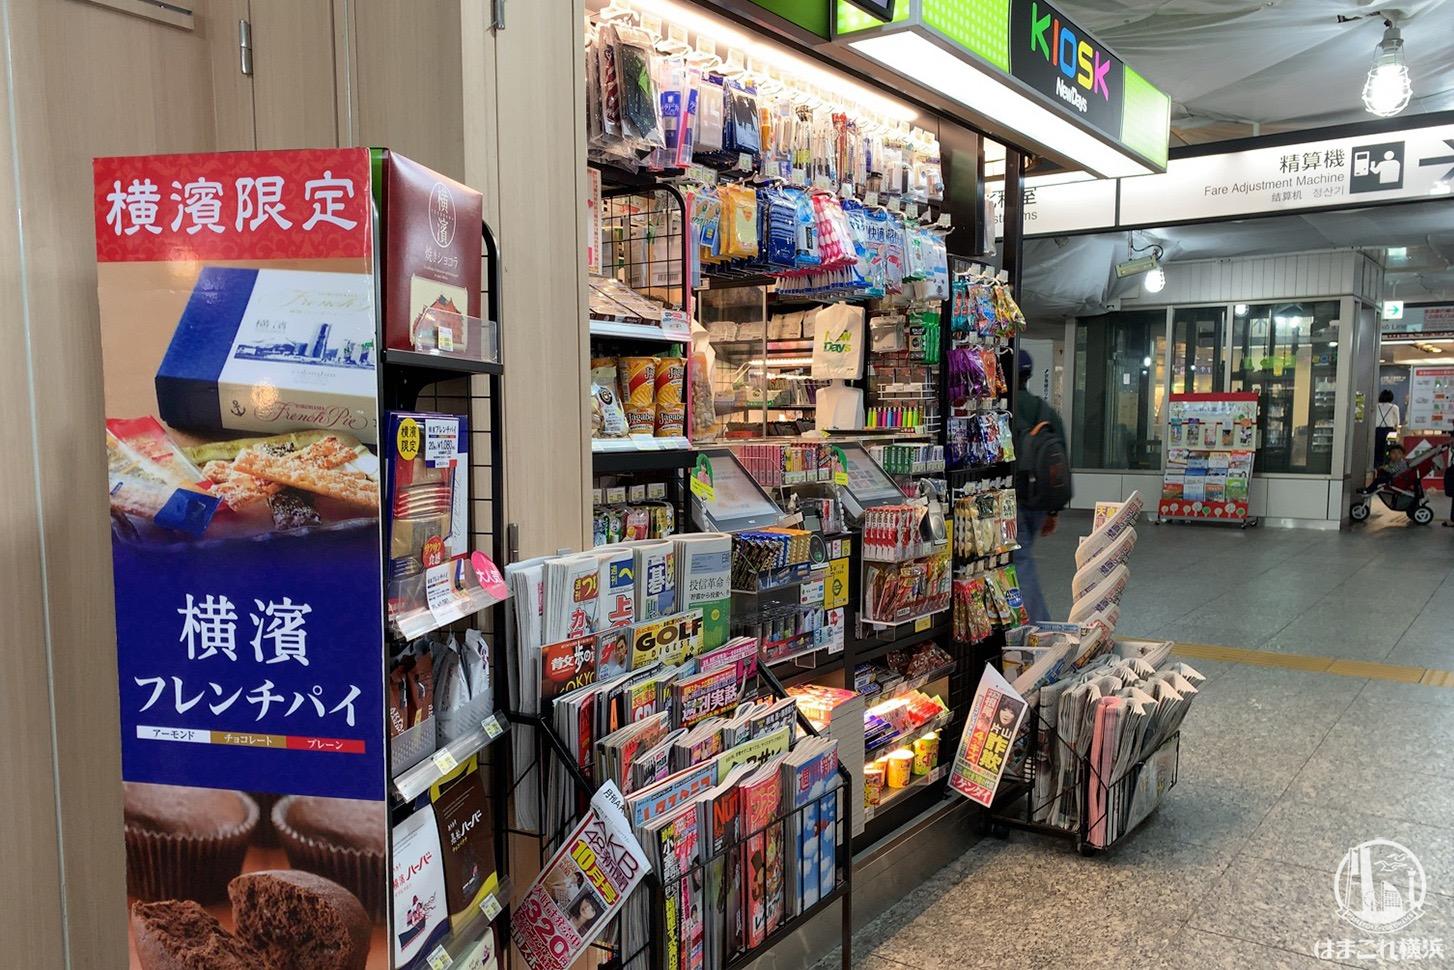 横浜駅 JR 改札内「キヨスク」